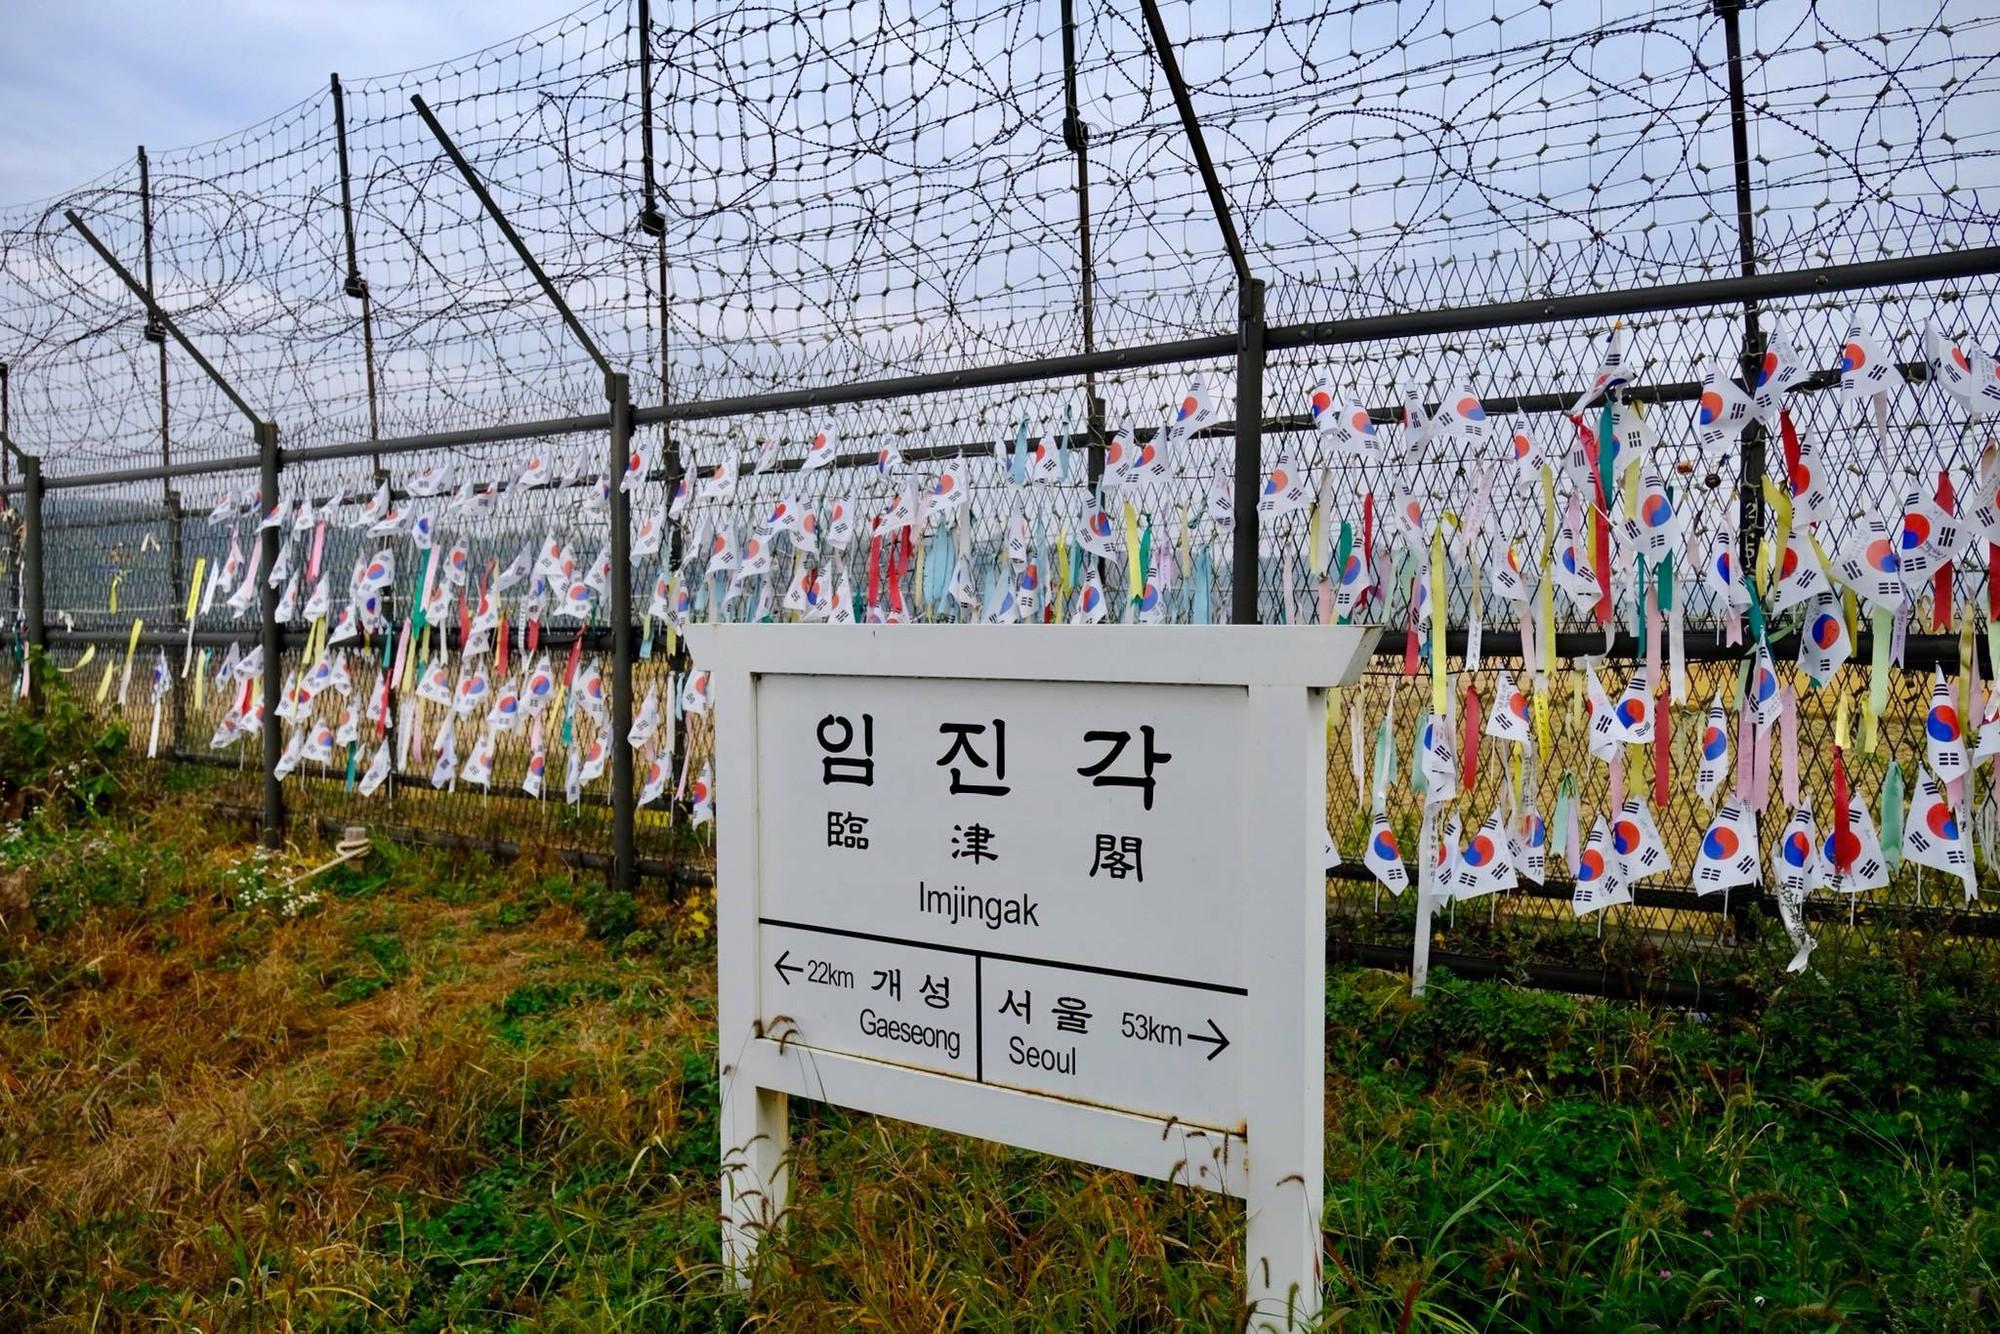 Thù địch và hy vọng ở DMZ liên Triều nhìn từ hai phía qua ống kính người Việt 21